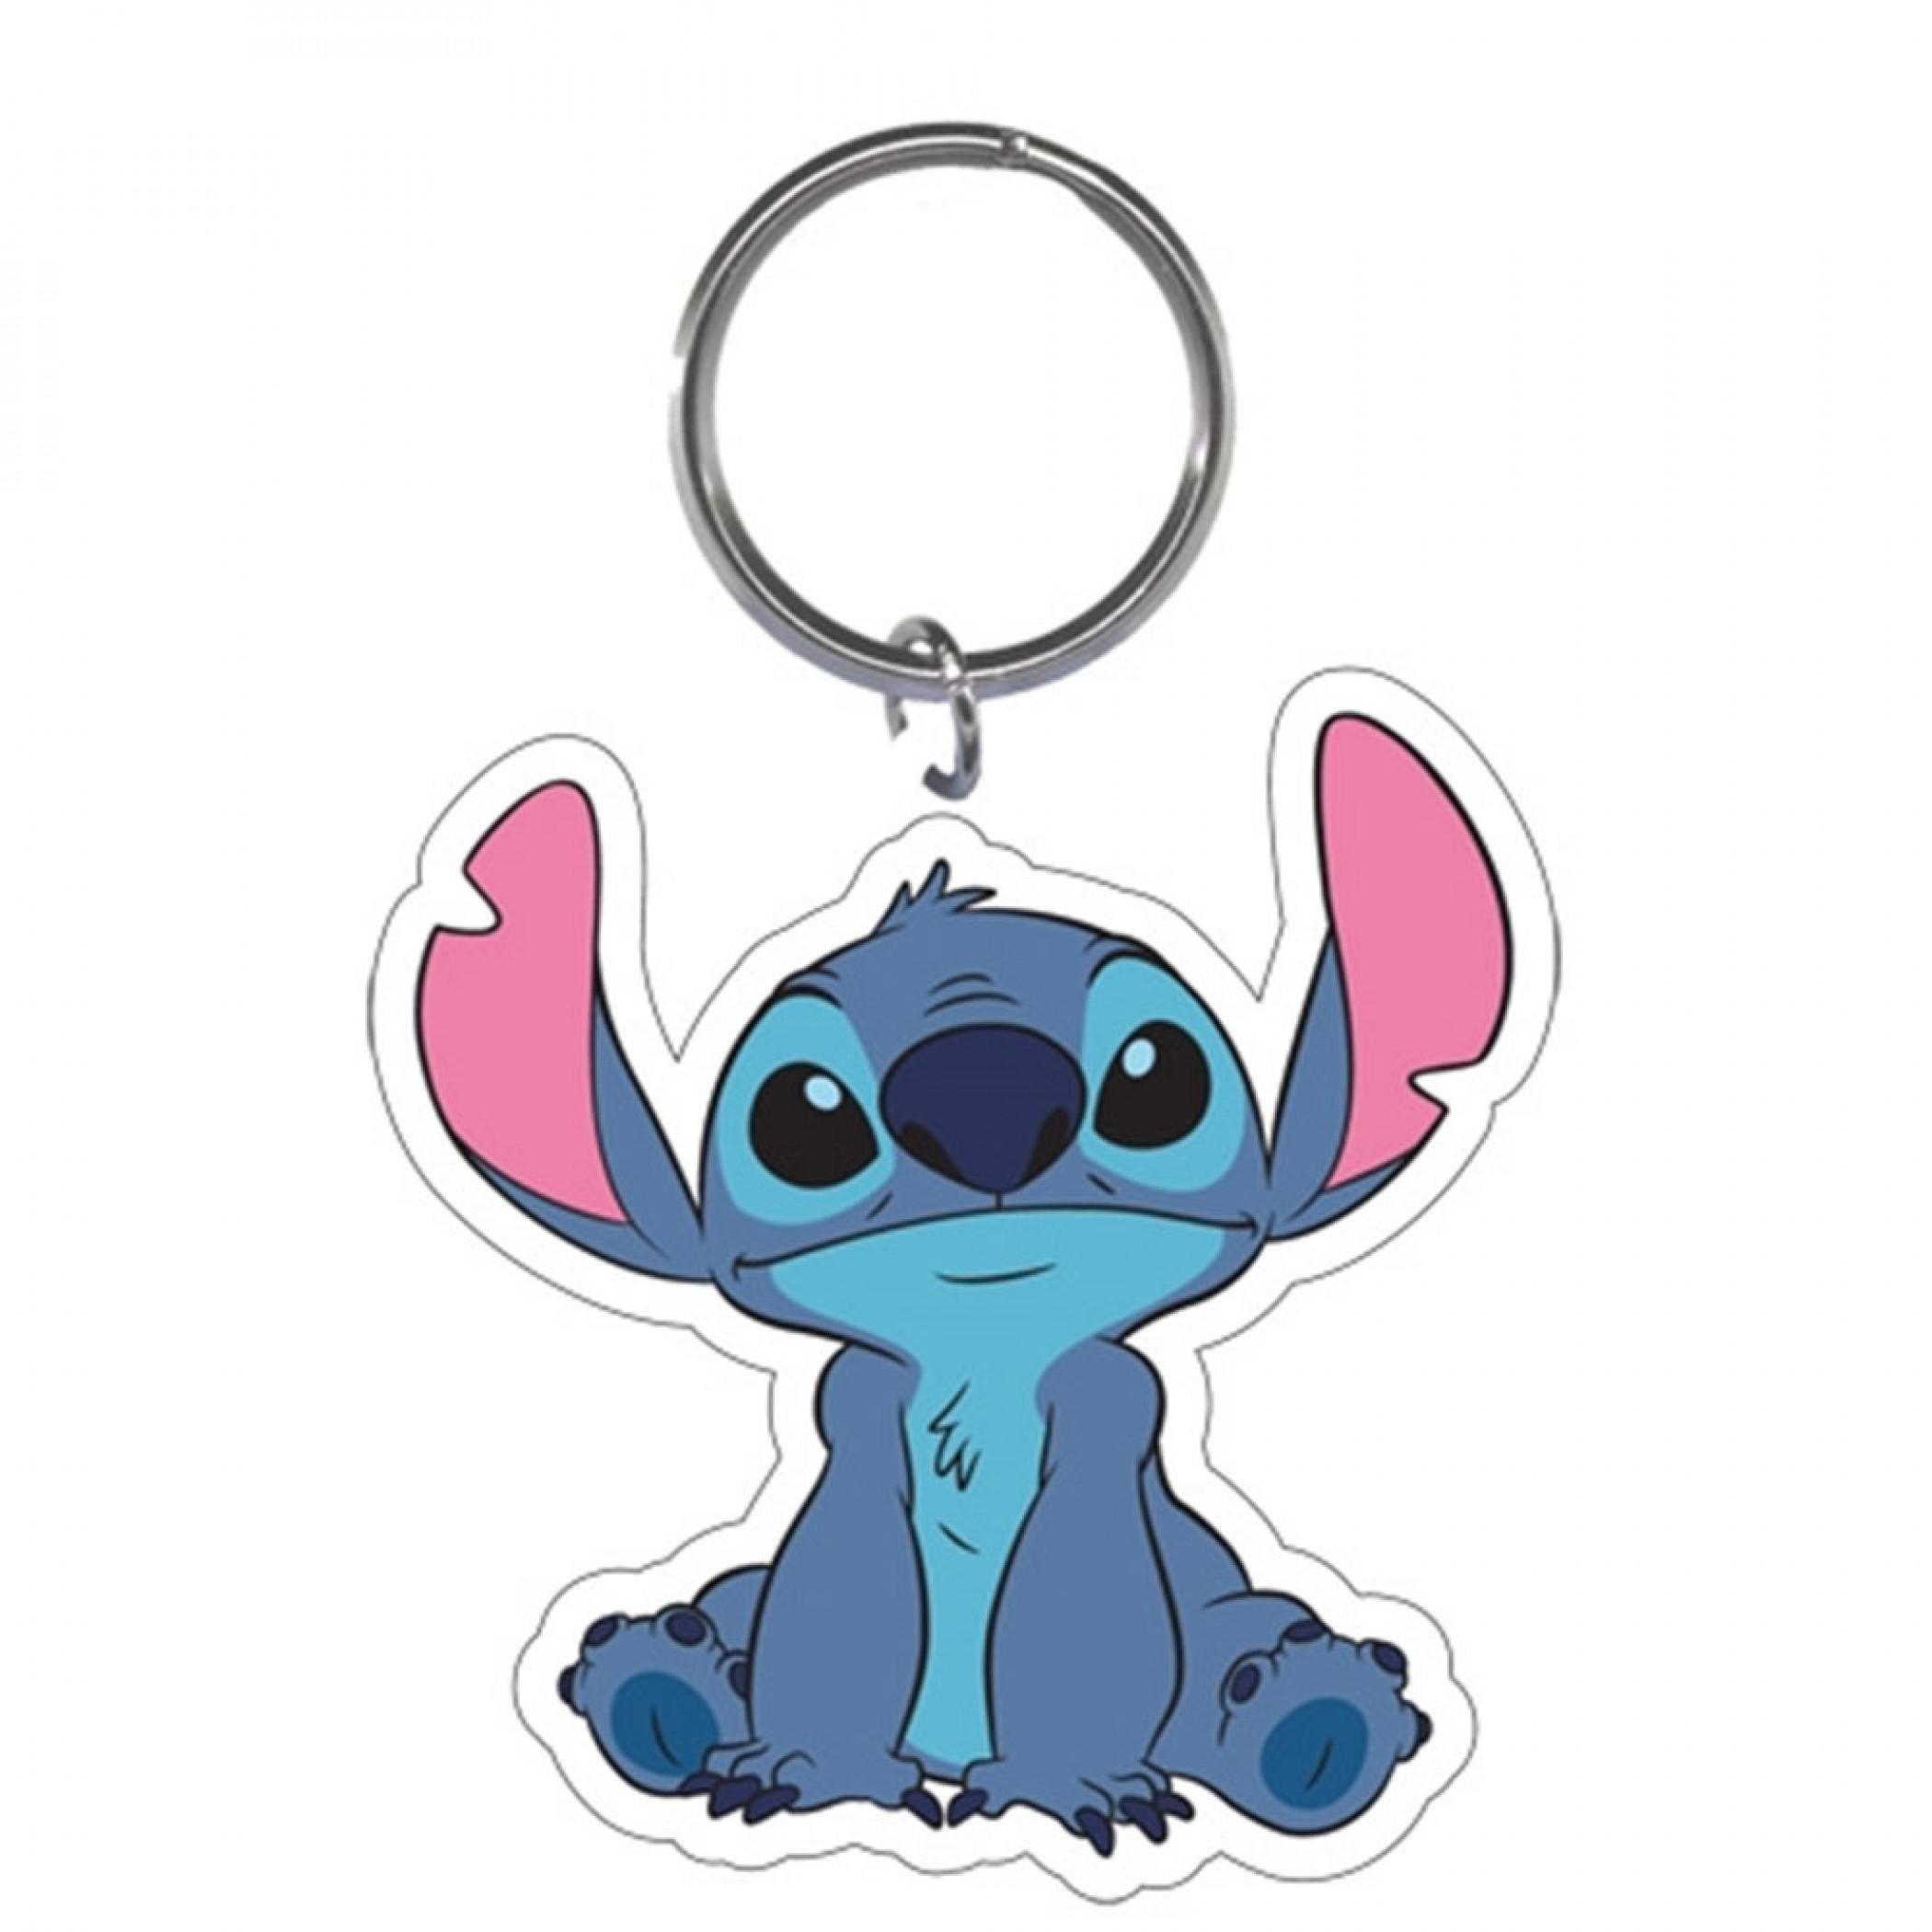 Disney Lilo and Stitch Keychain